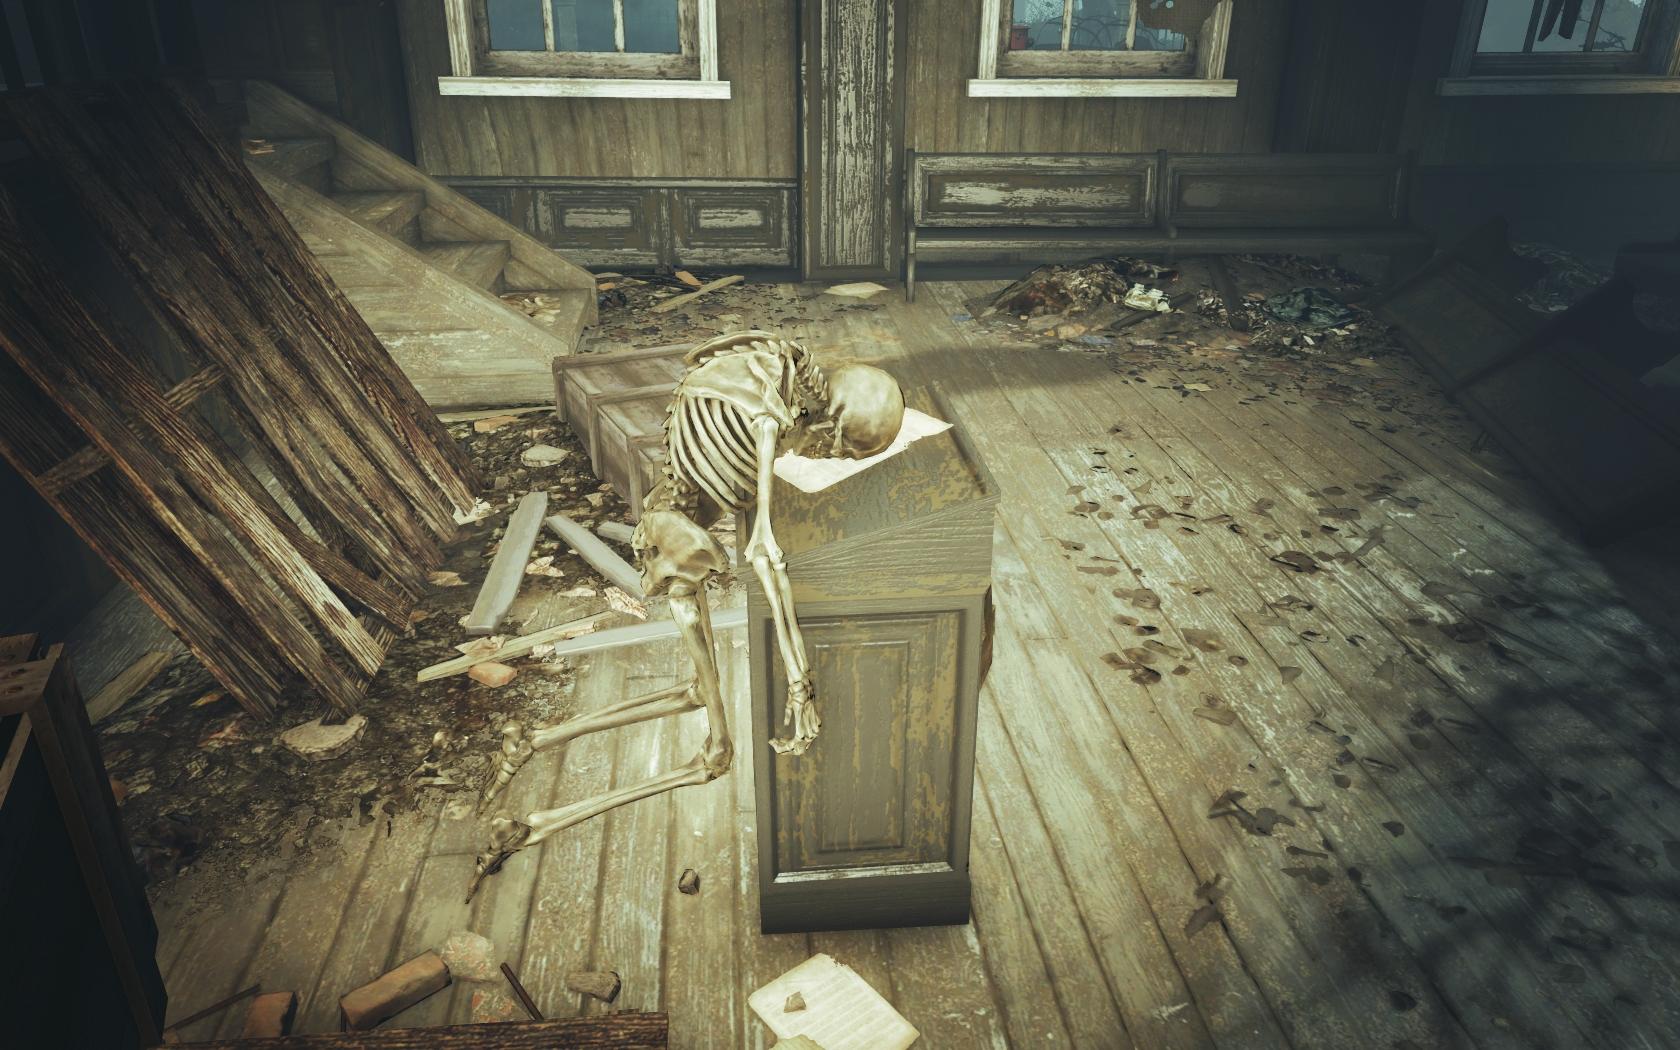 Пастор (Фар-Харбор, Разрушенная церковь) - Fallout 4 скелет